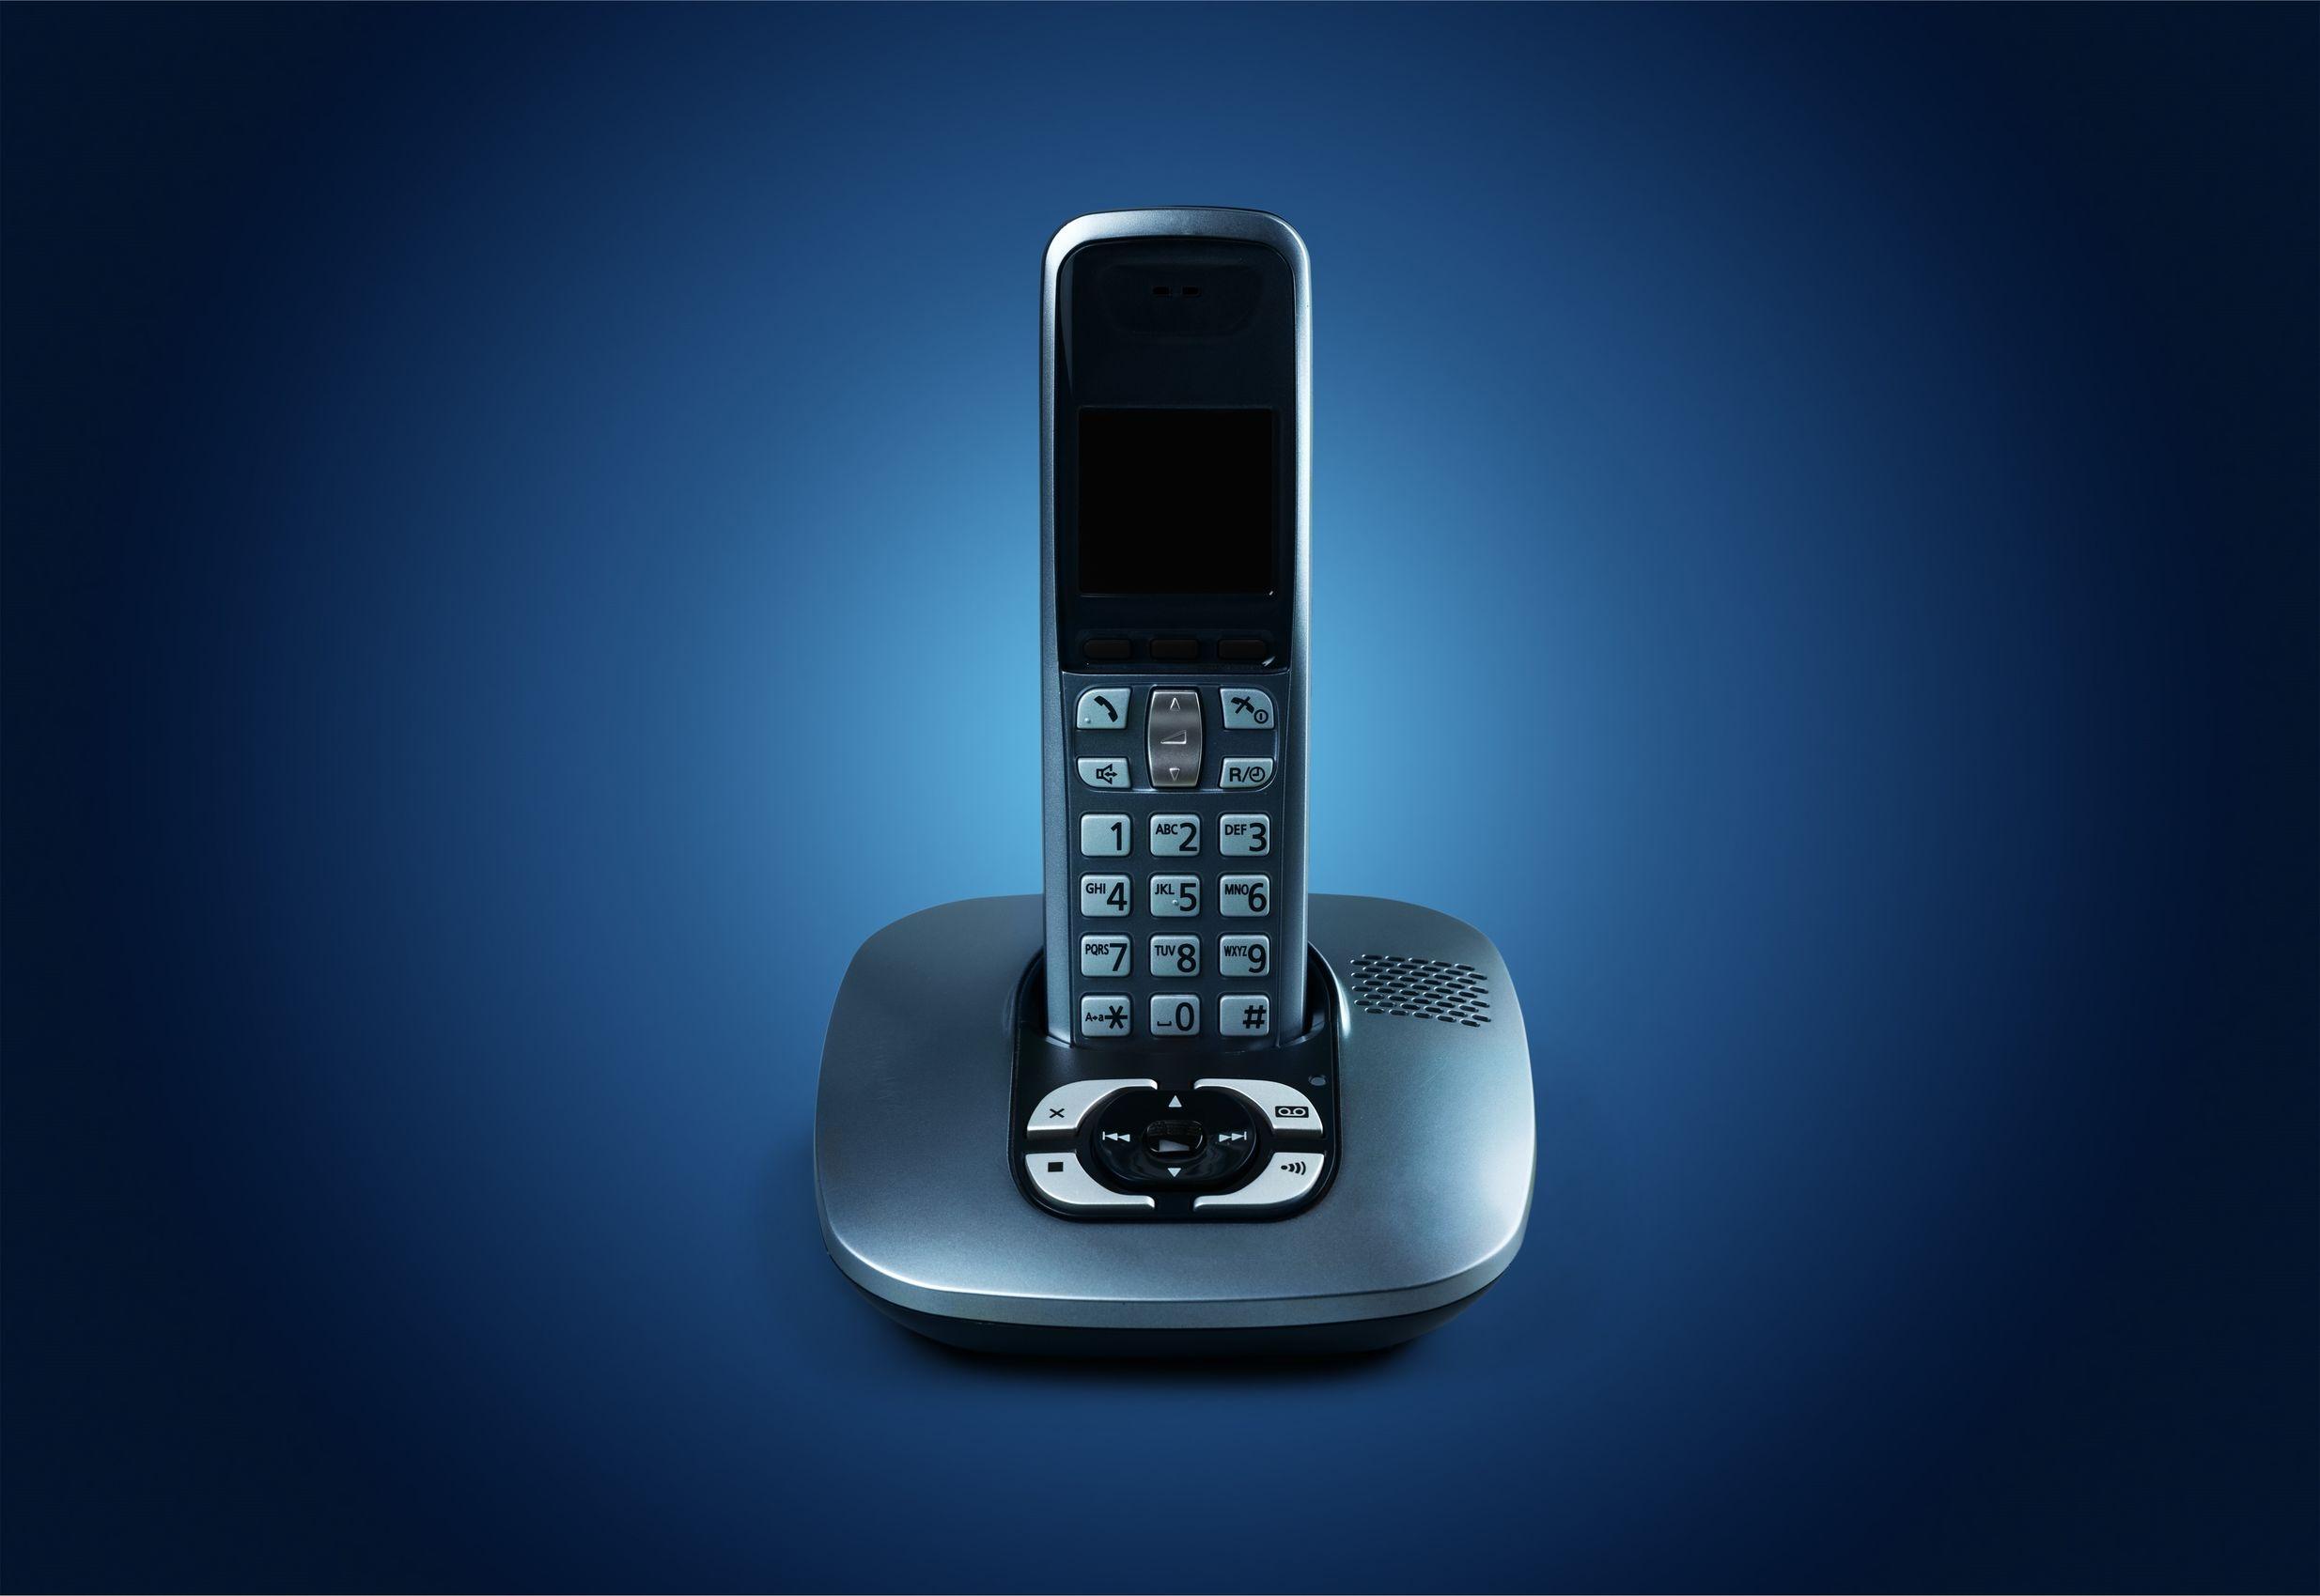 Teléfono inalámbrico: ¿Cuál es el mejor del 2020?